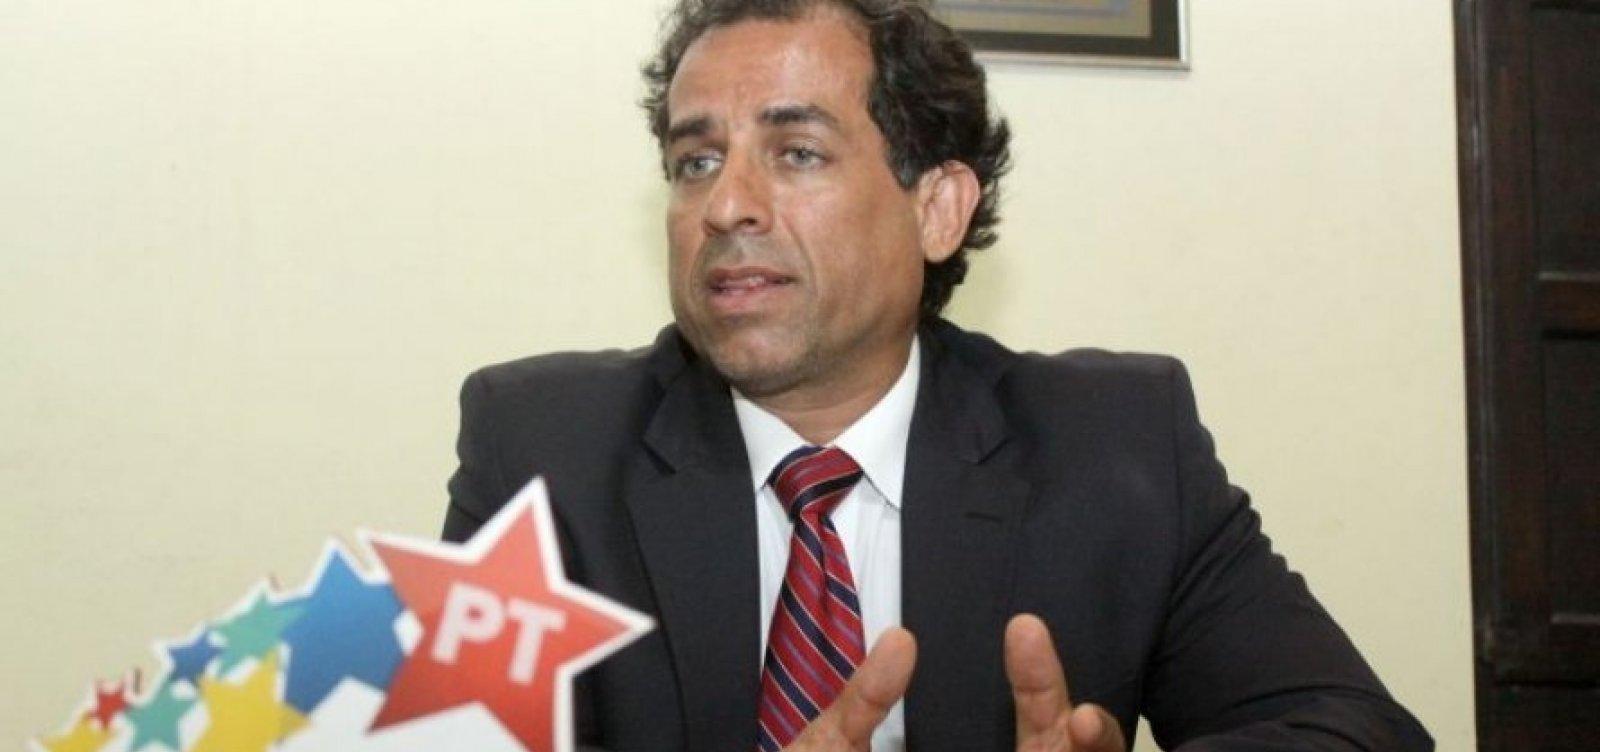 Santo Amaro: Justiça suspende julgamento de contas de Ricardo Machado pela Câmara